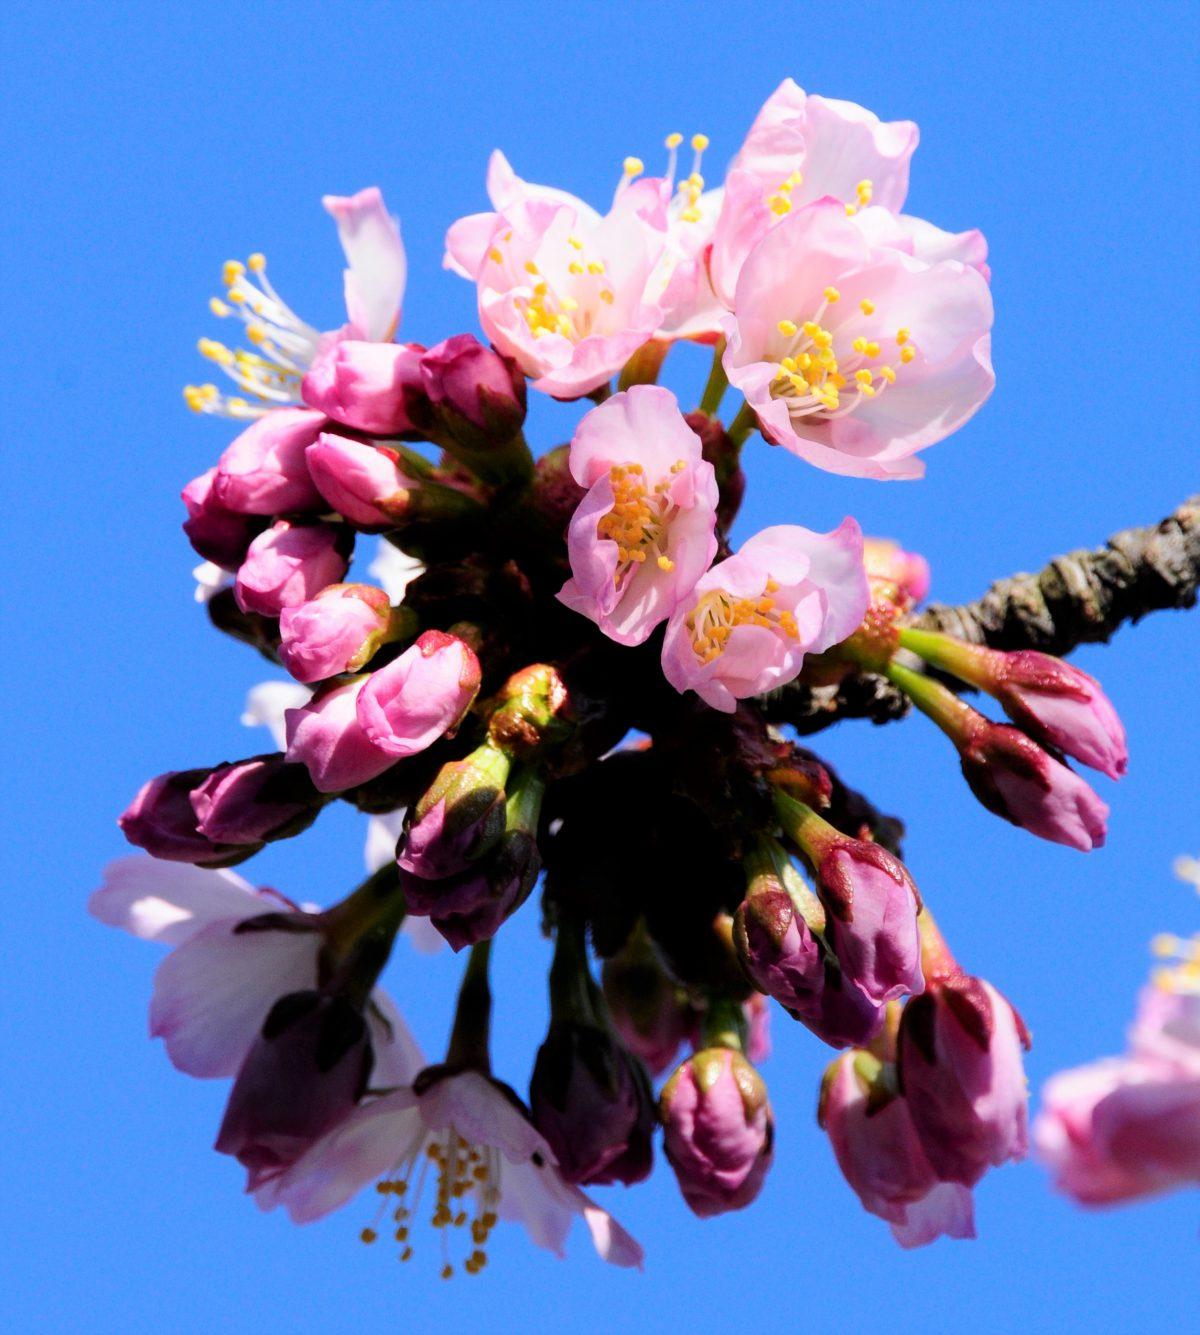 2017年の浦河の桜開花情報について